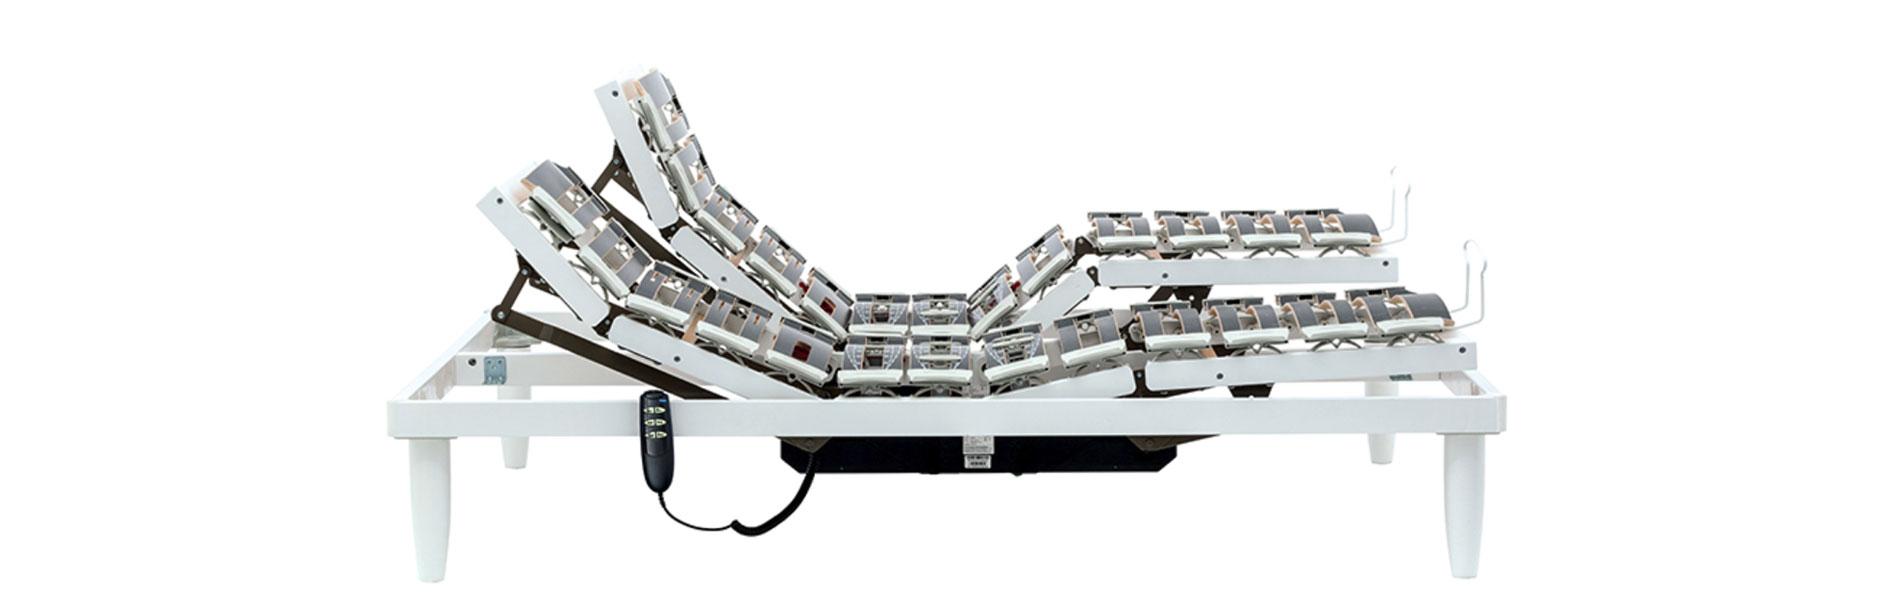 rete-ergogreen-motorizzata-milano